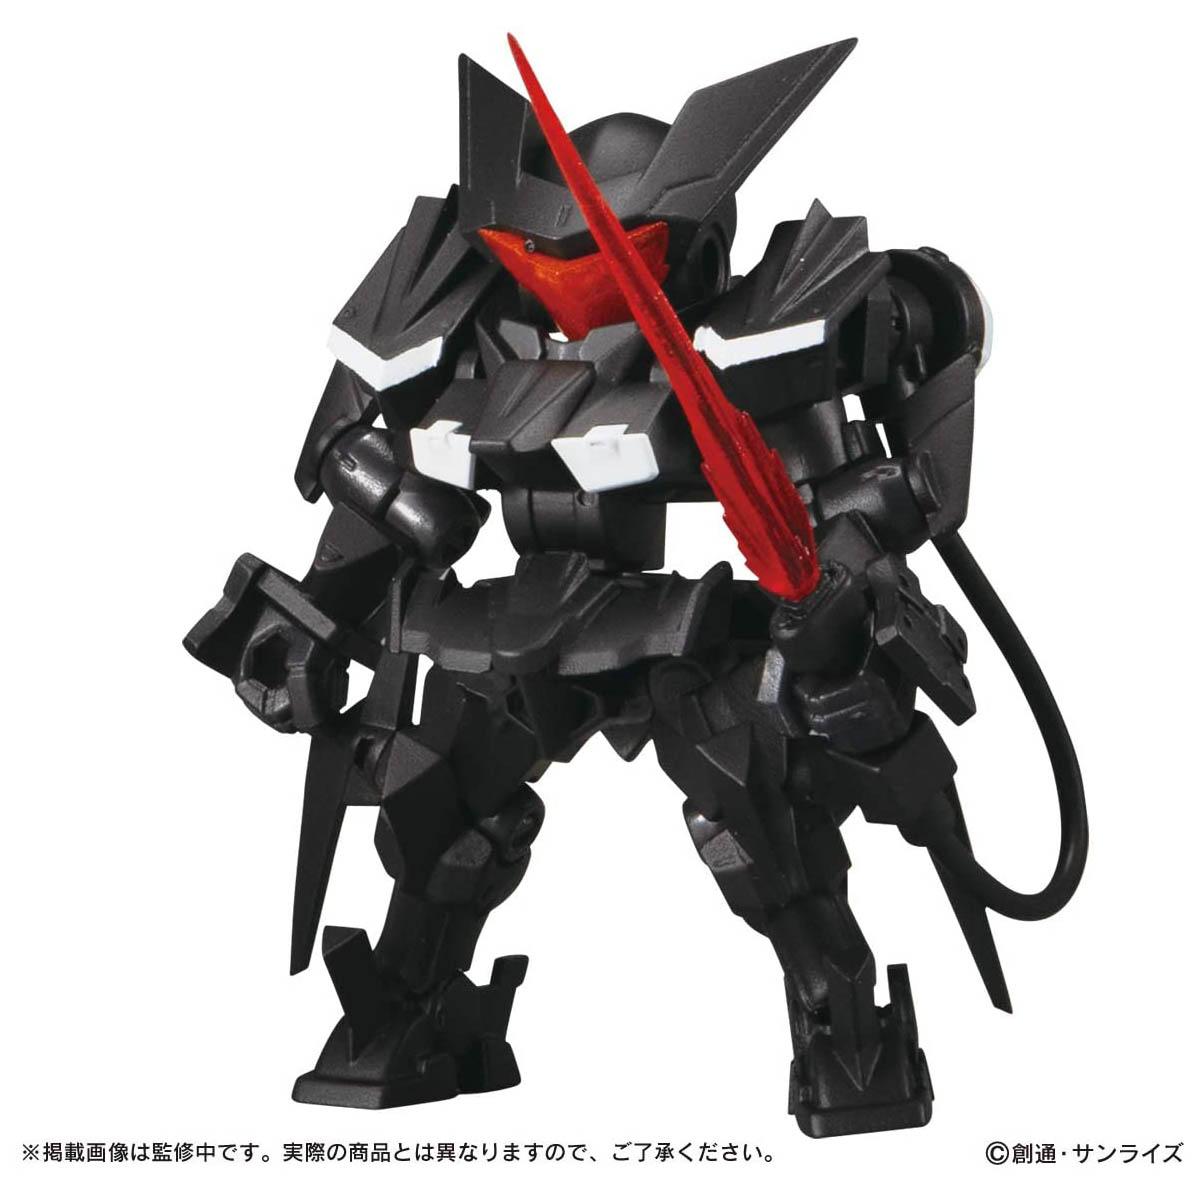 機動戦士ガンダム『MOBILE SUIT ENSEMBLE16』デフォルメ可動フィギュア 10個入りBOX-004